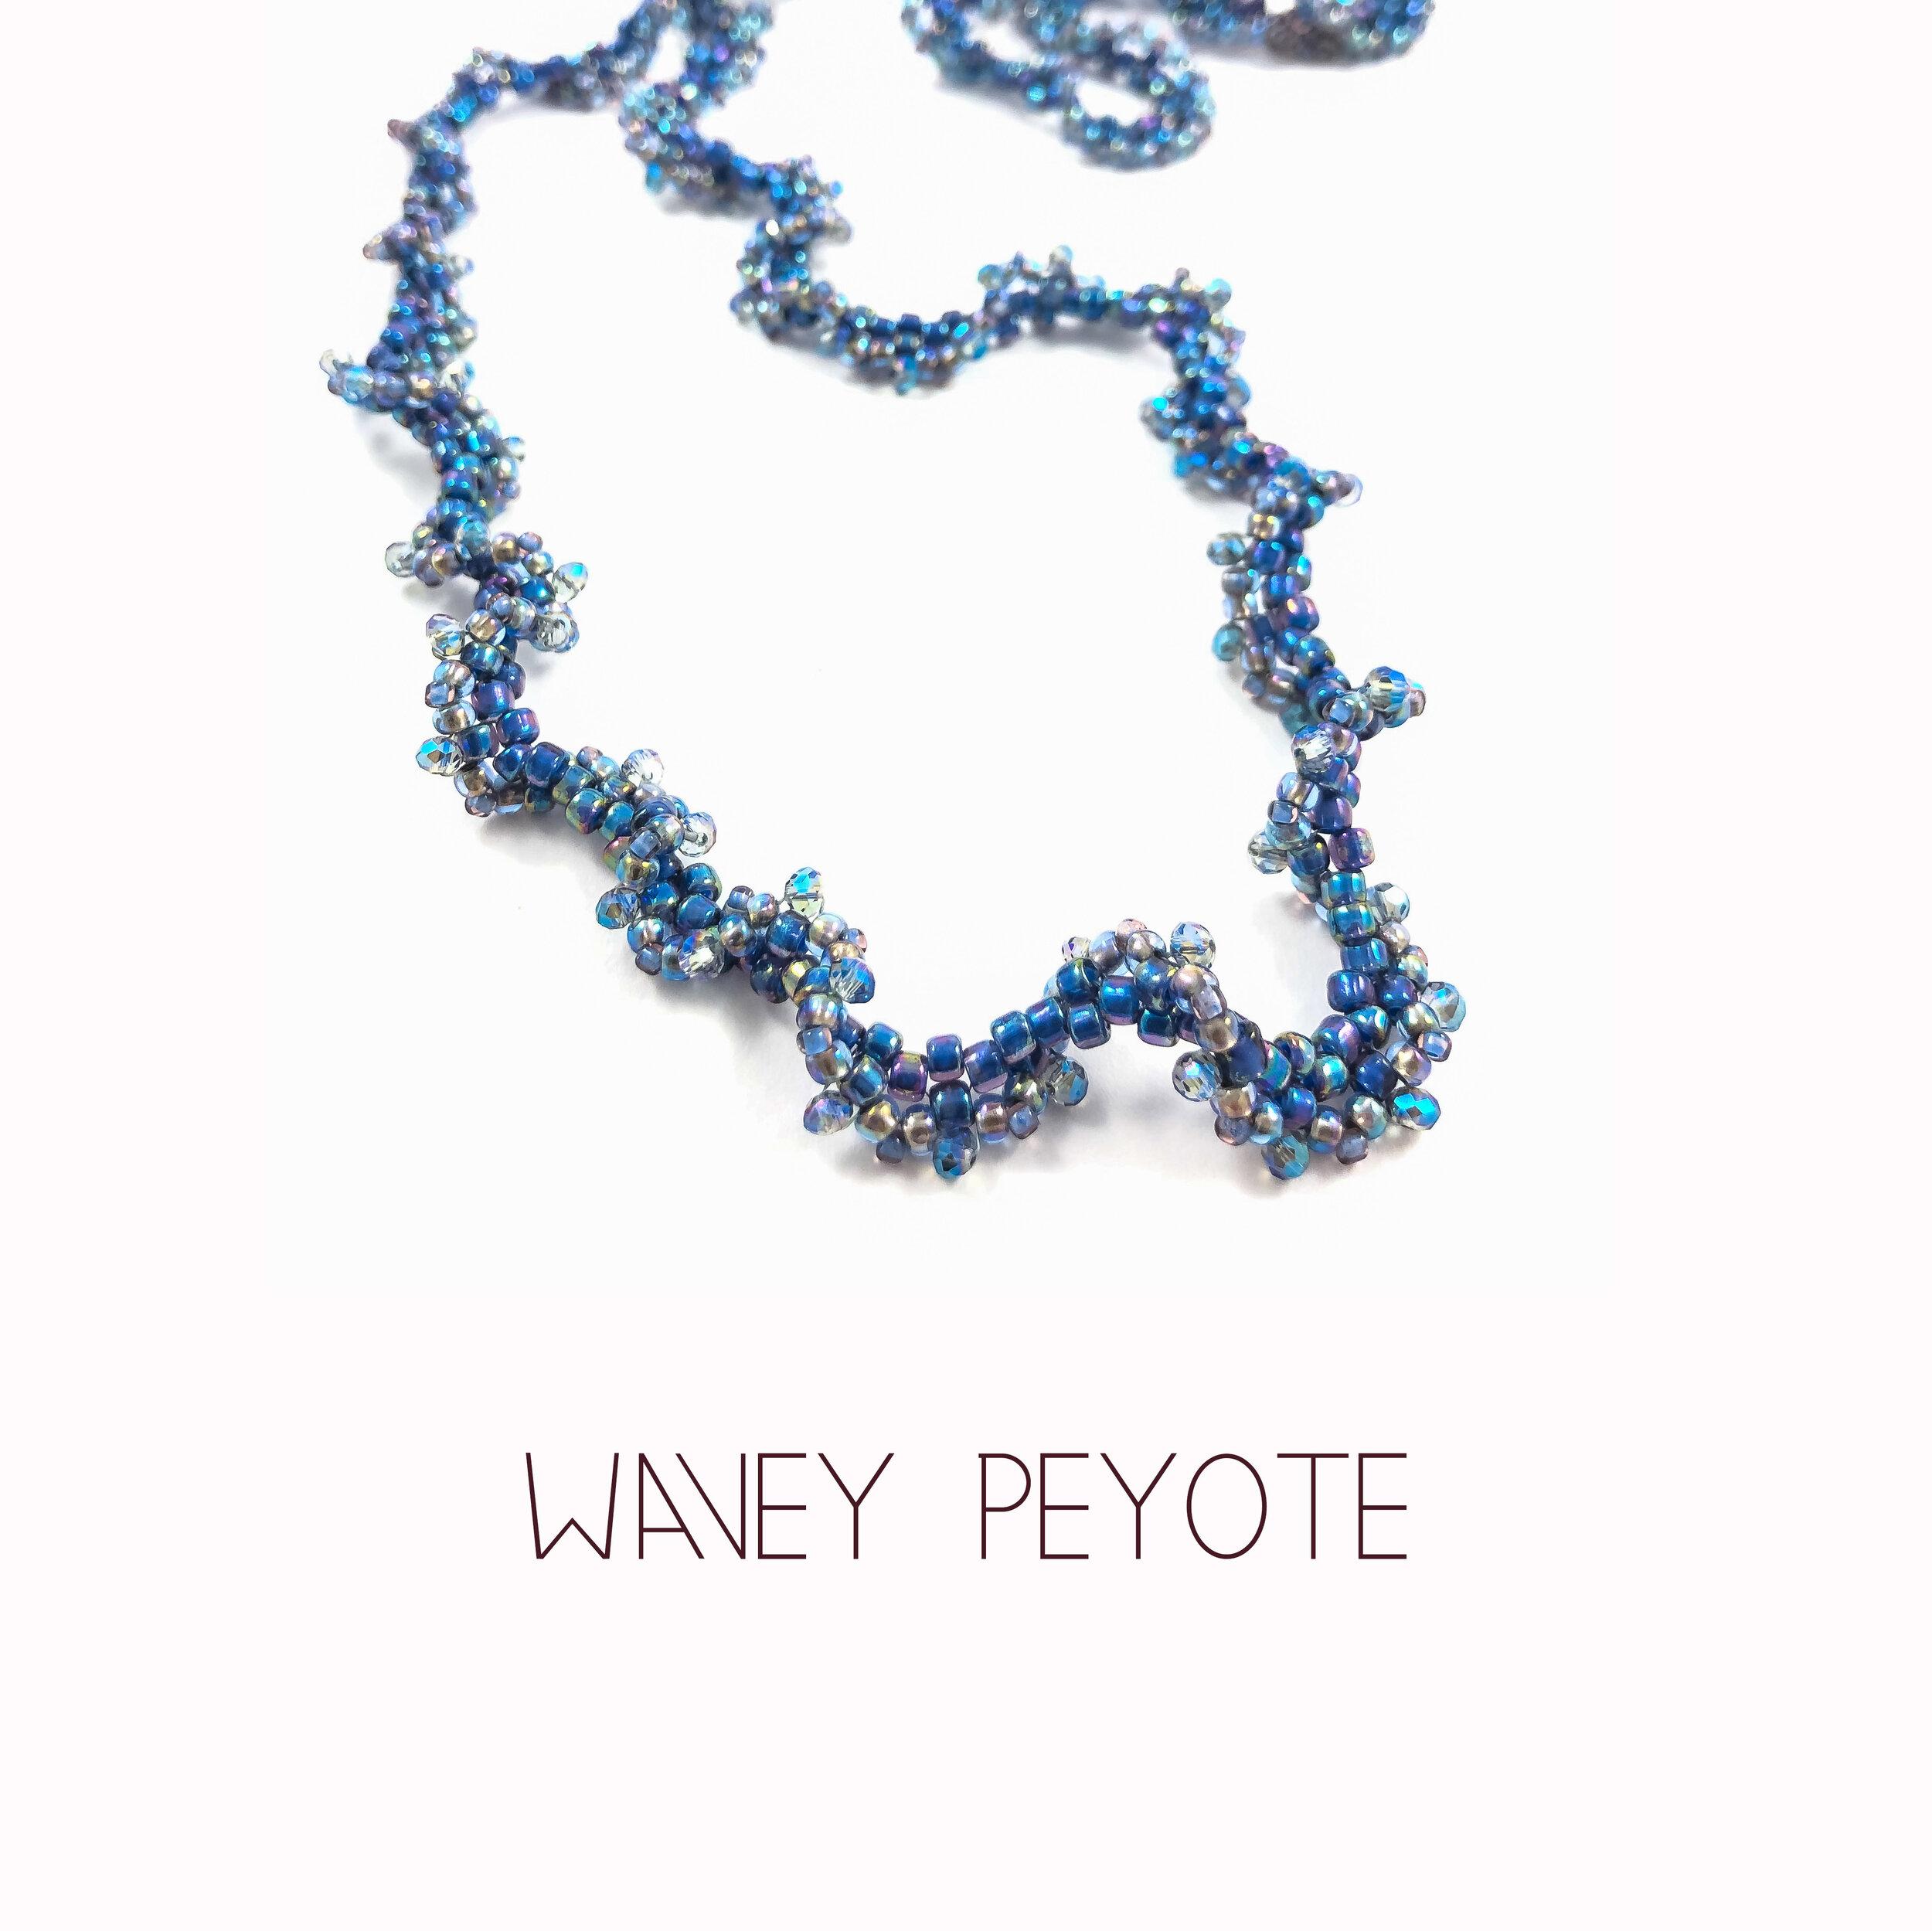 wavey_peyote.jpg